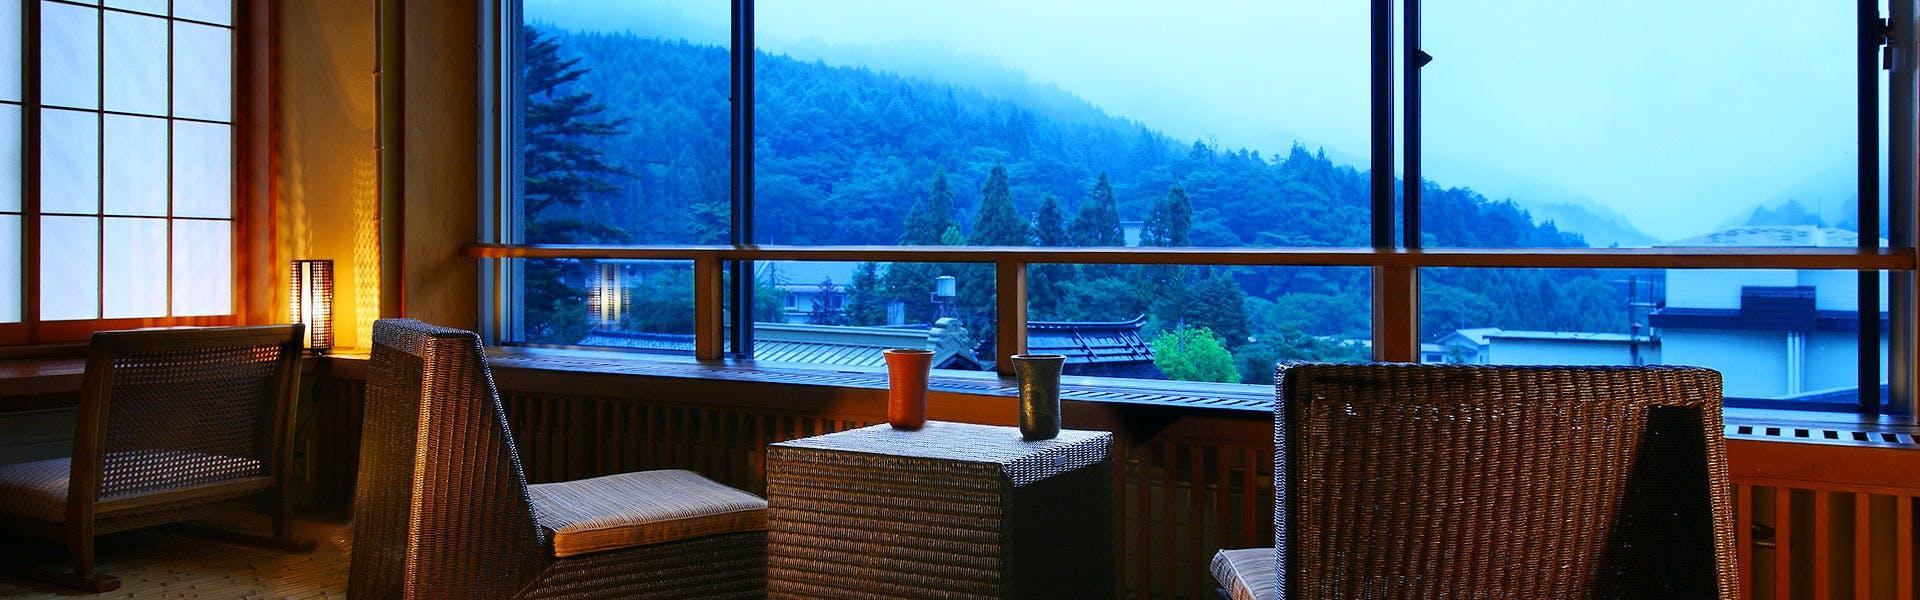 記念日におすすめのホテル・温泉三昧の宿 四万たむらの写真1